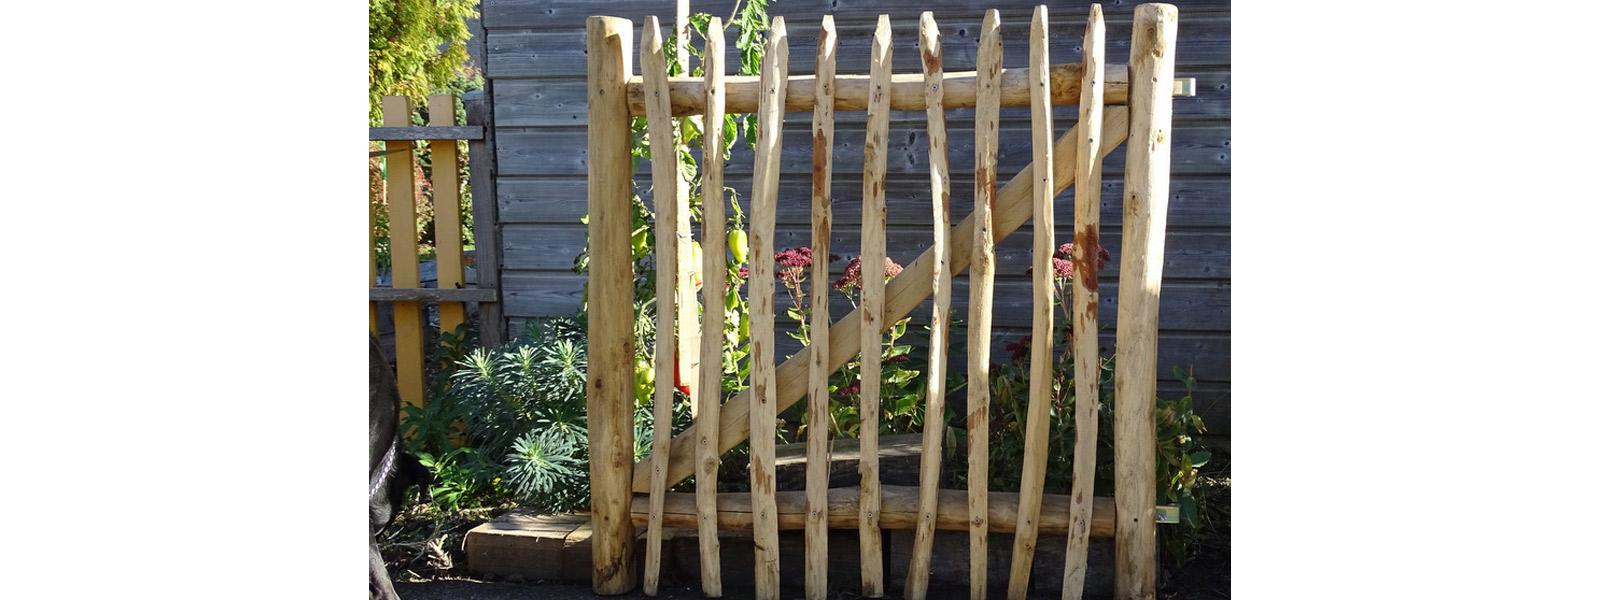 Portillons En Bois De Châtaignier - Création Bretagne Sarzeau encequiconcerne Portillon De Jardin En Bois